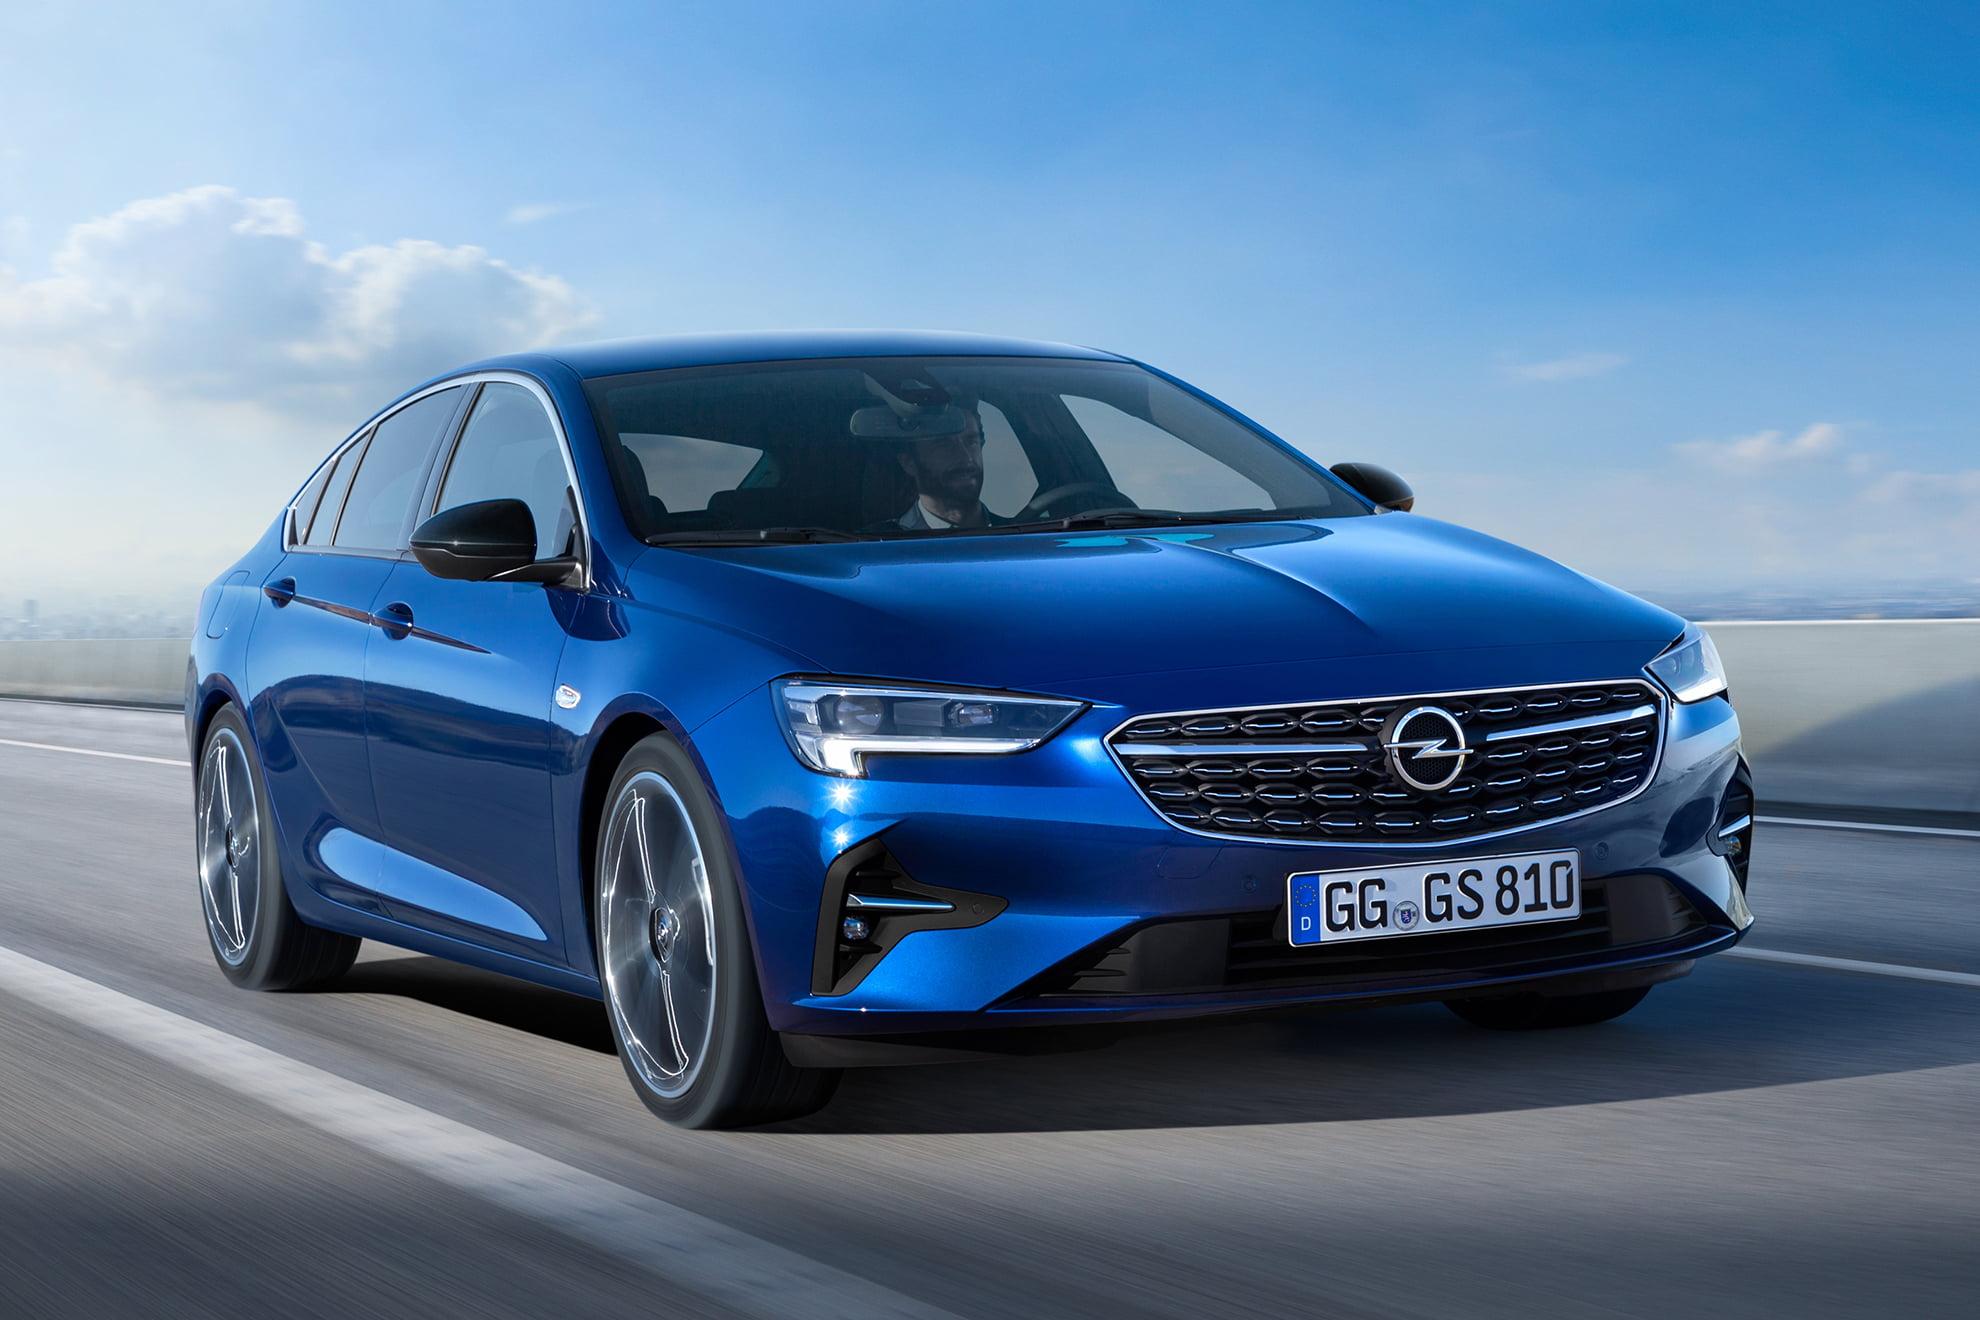 2021 New Opel Insignia Concept